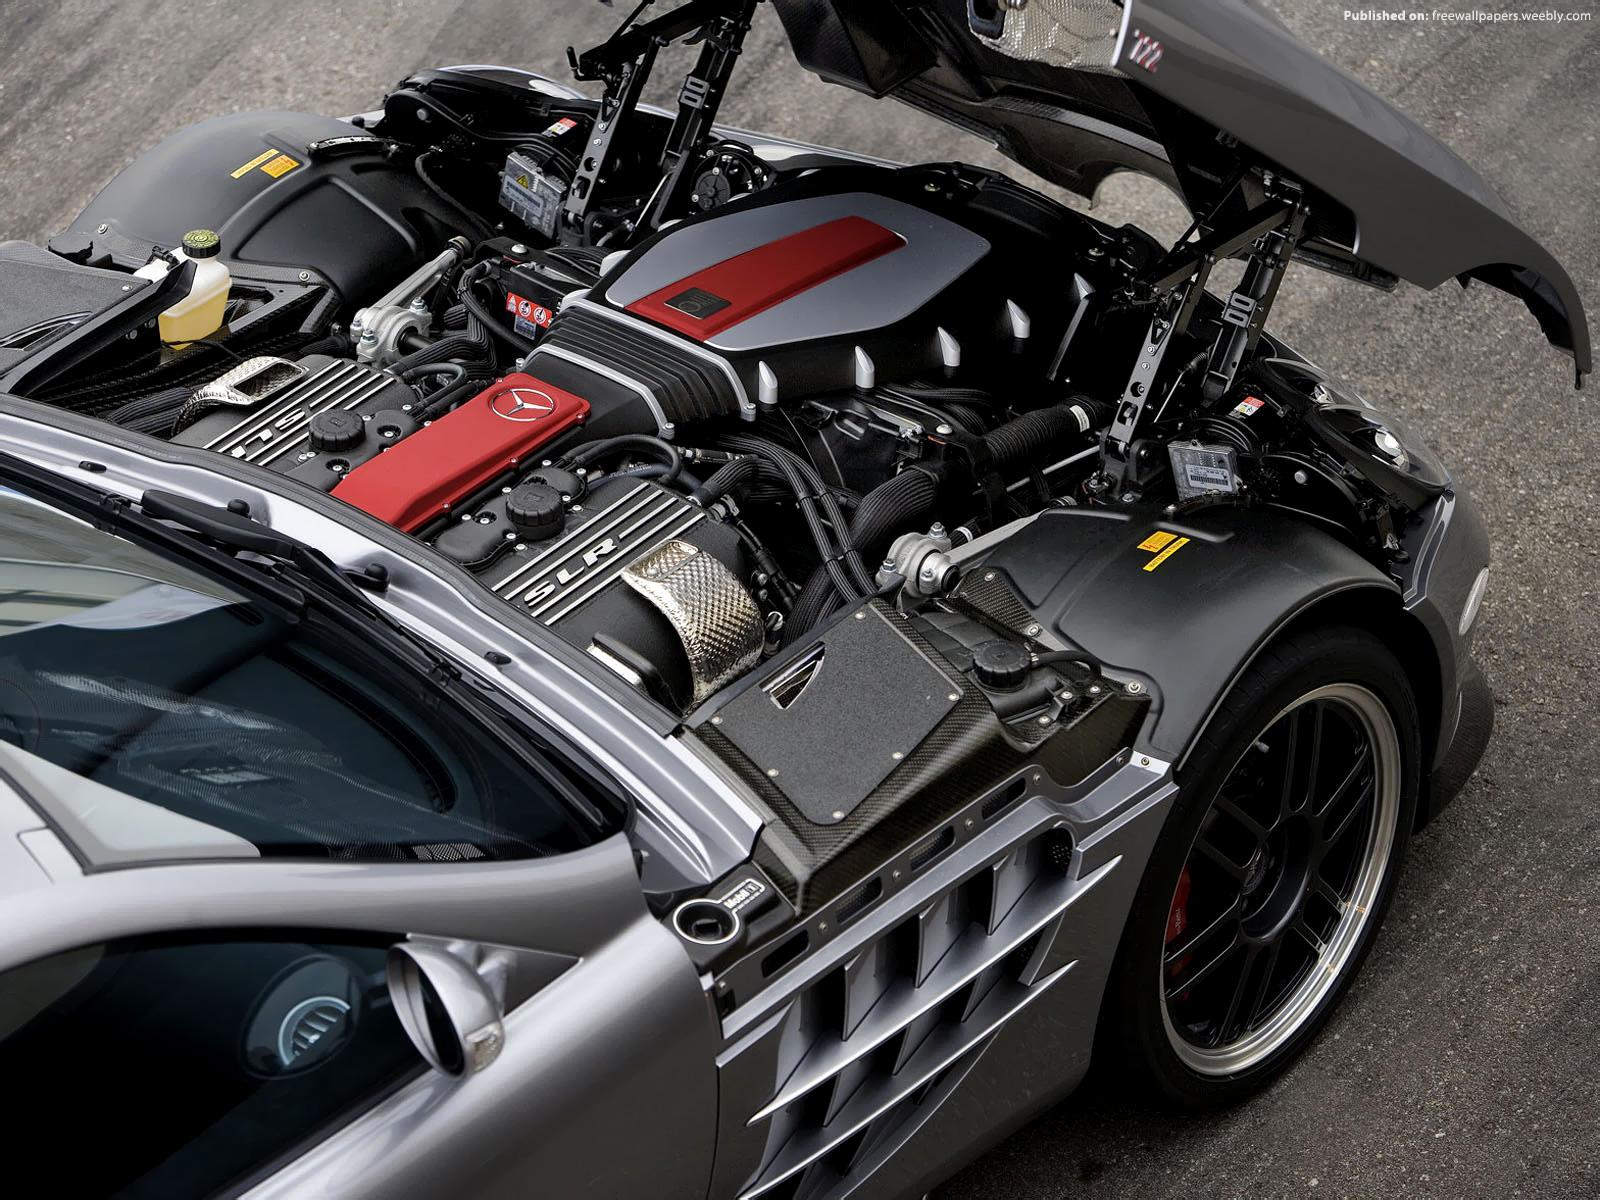 http://2.bp.blogspot.com/-5ecDSCd7JVc/TotBejbH0BI/AAAAAAAAAPw/q-dhagt7B9g/s1600/Mercedes+benz+slr+wallpaper+4.jpg